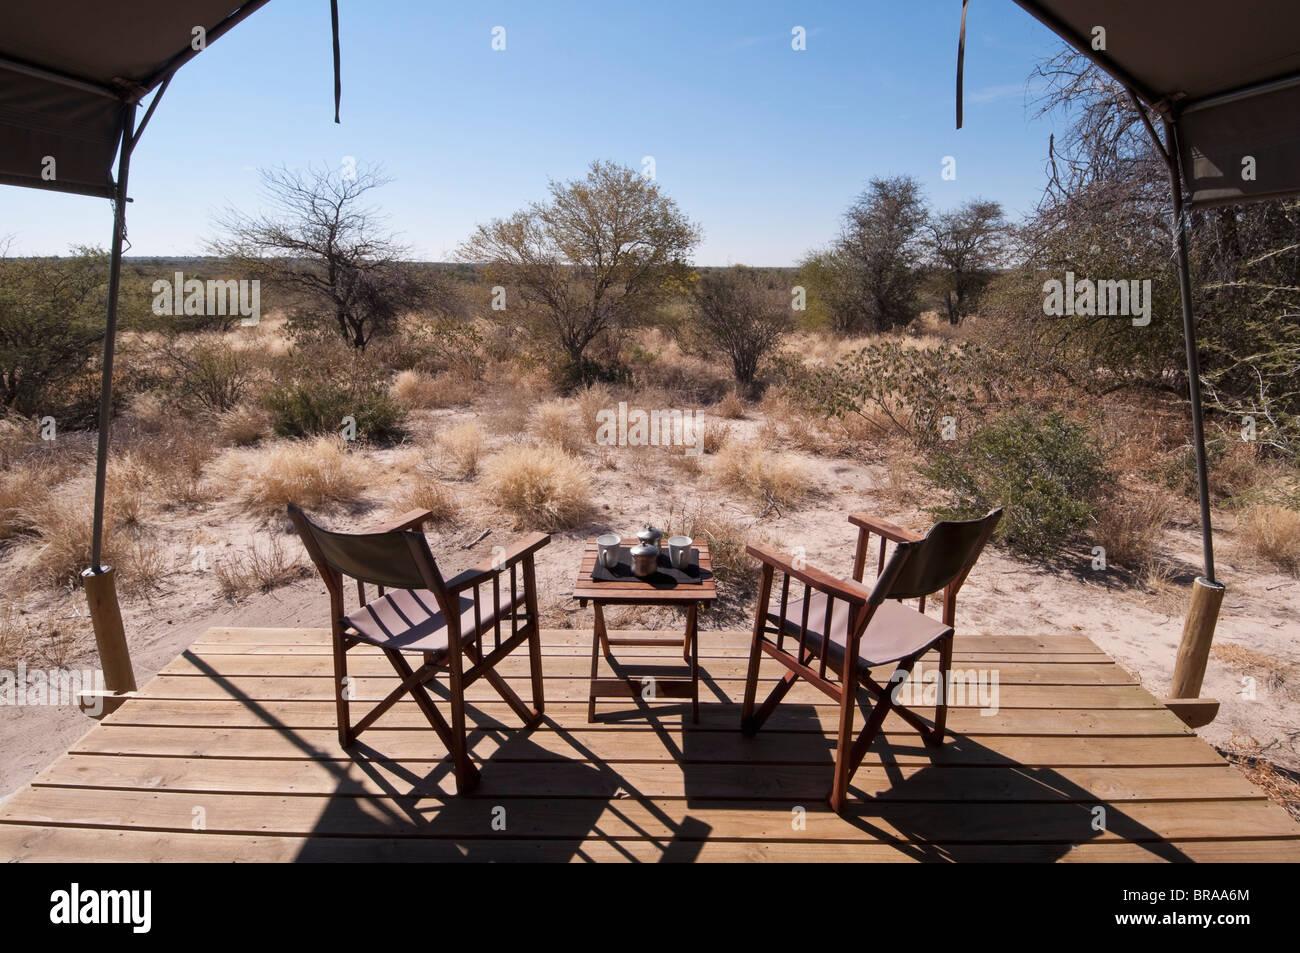 Kalahari Plains Camp, Deception Valley, Central Kalahari Game Reserve, Botswana, Africa - Stock Image